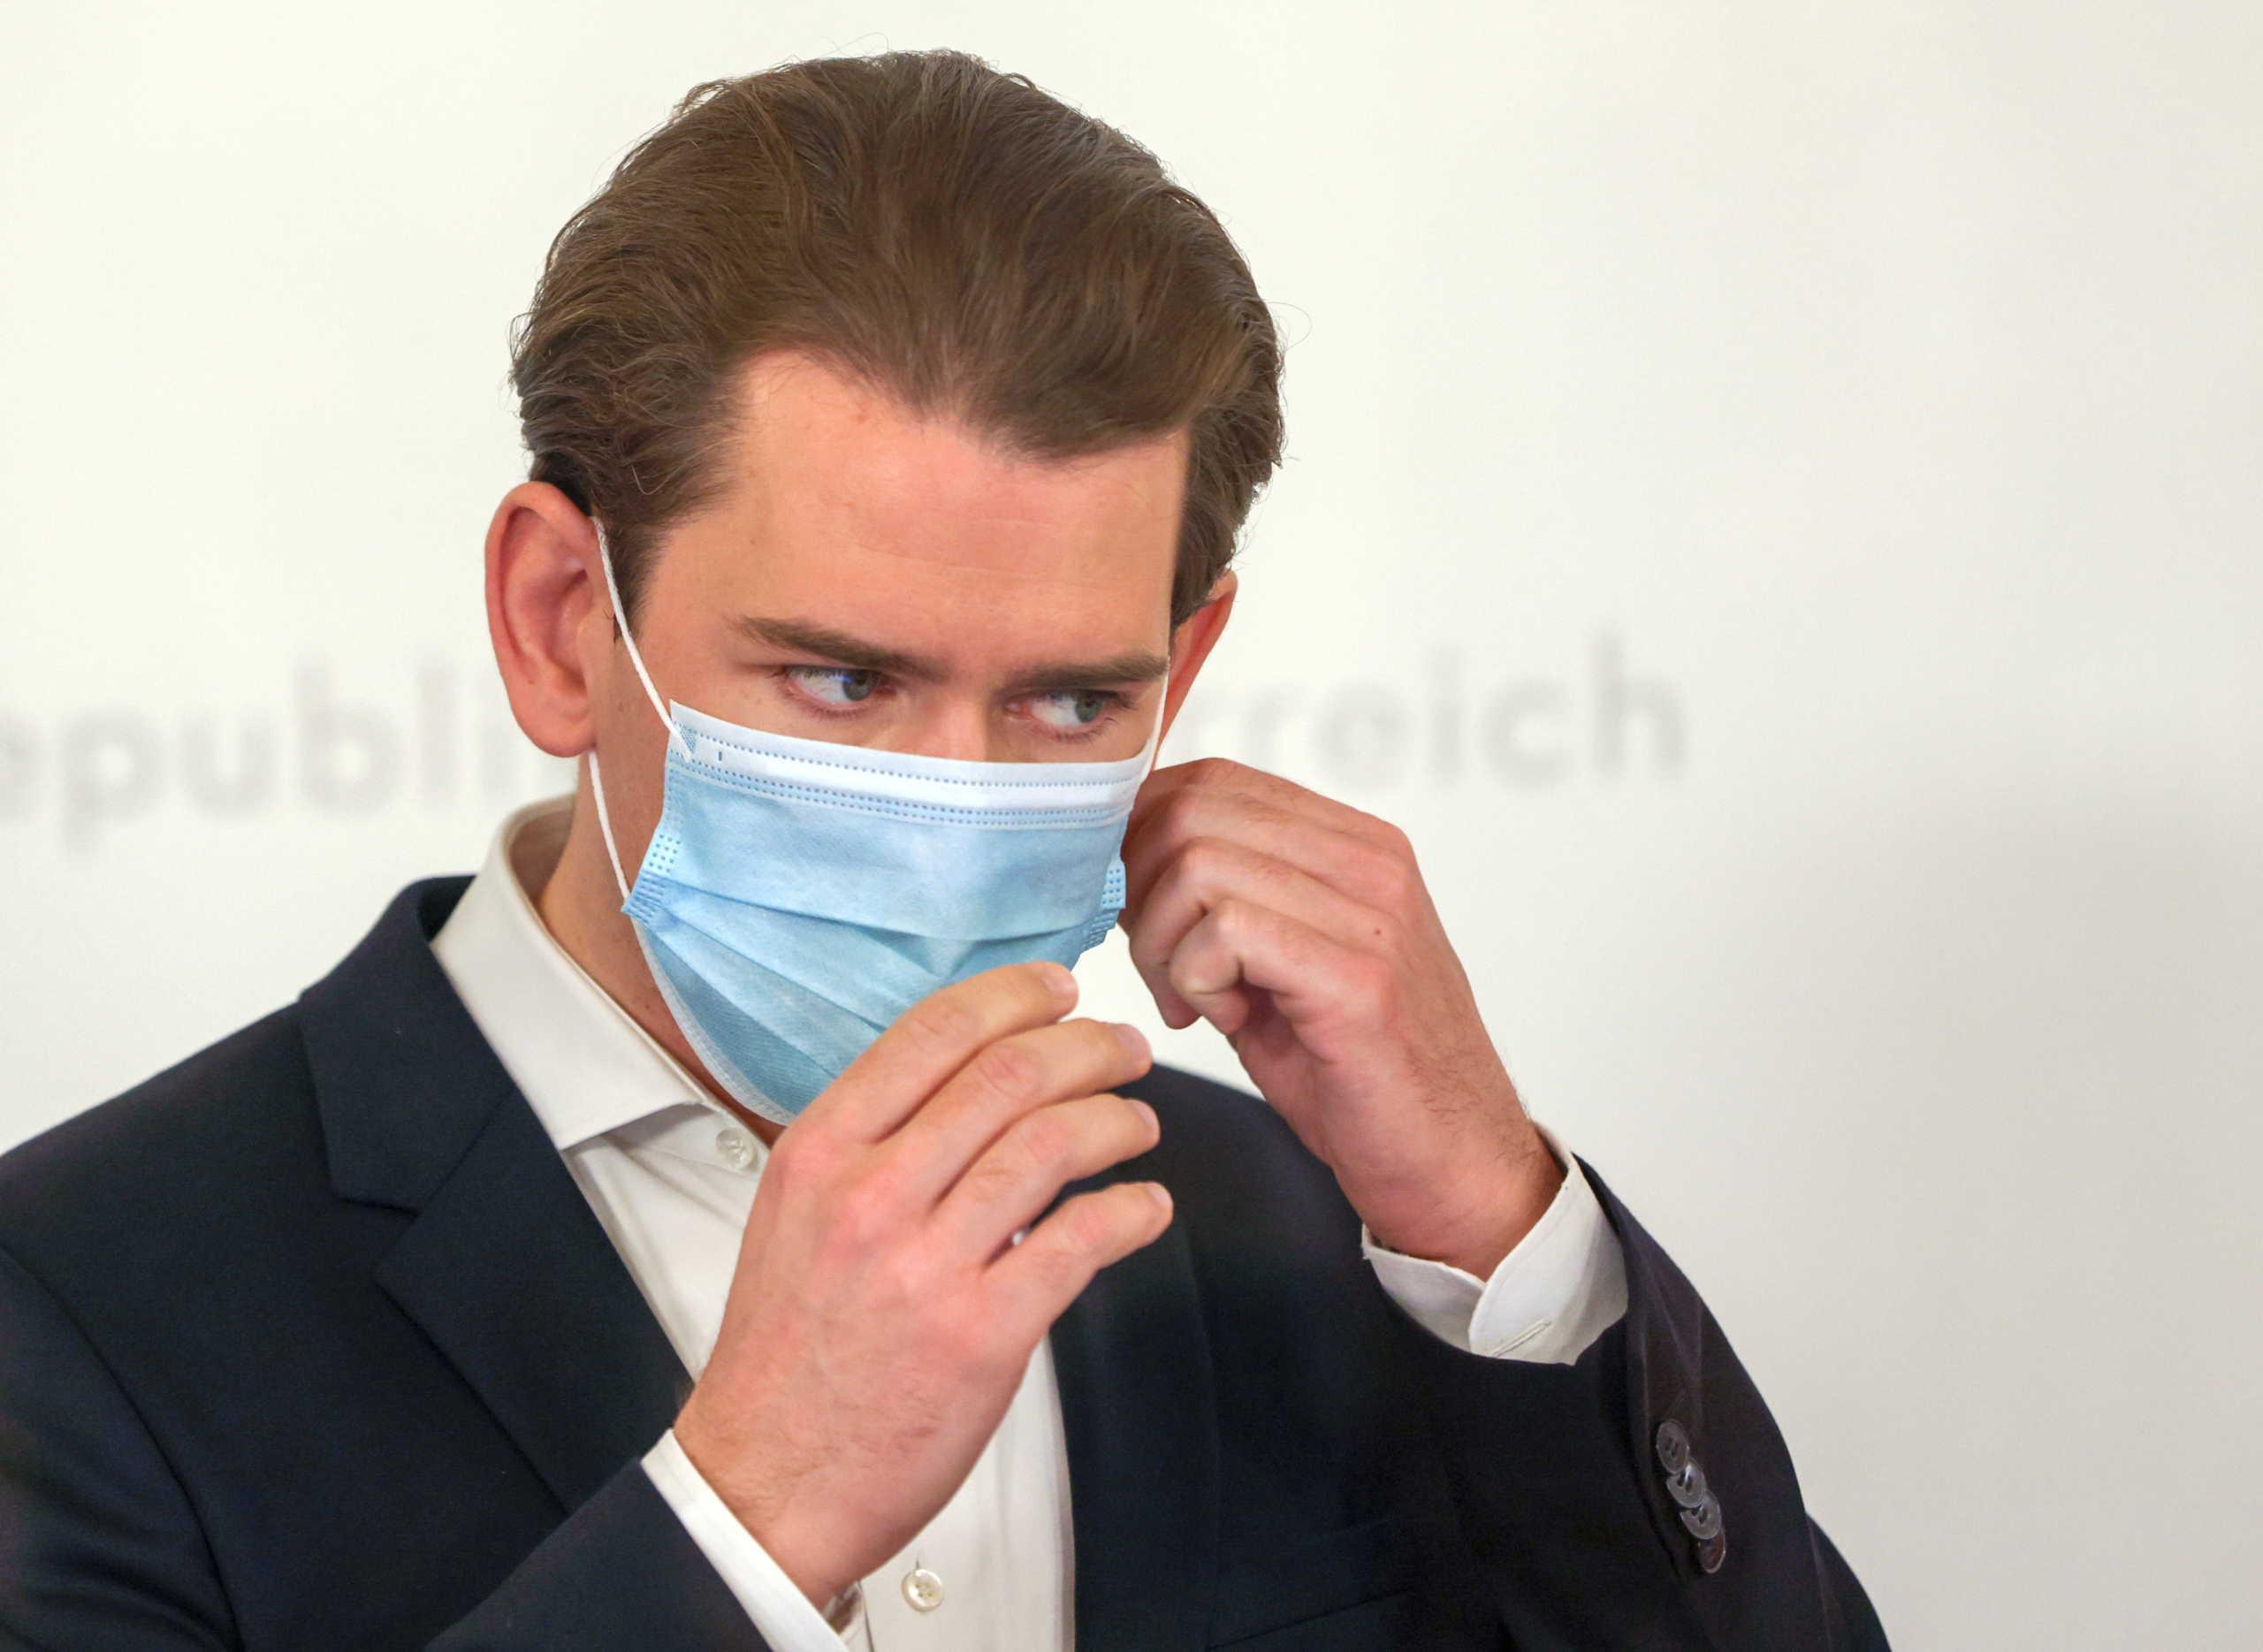 Αυστρία: Με την έναρξη των εμβολιασμών για τον κορονοϊό δεν τελειώνει η πανδημία!